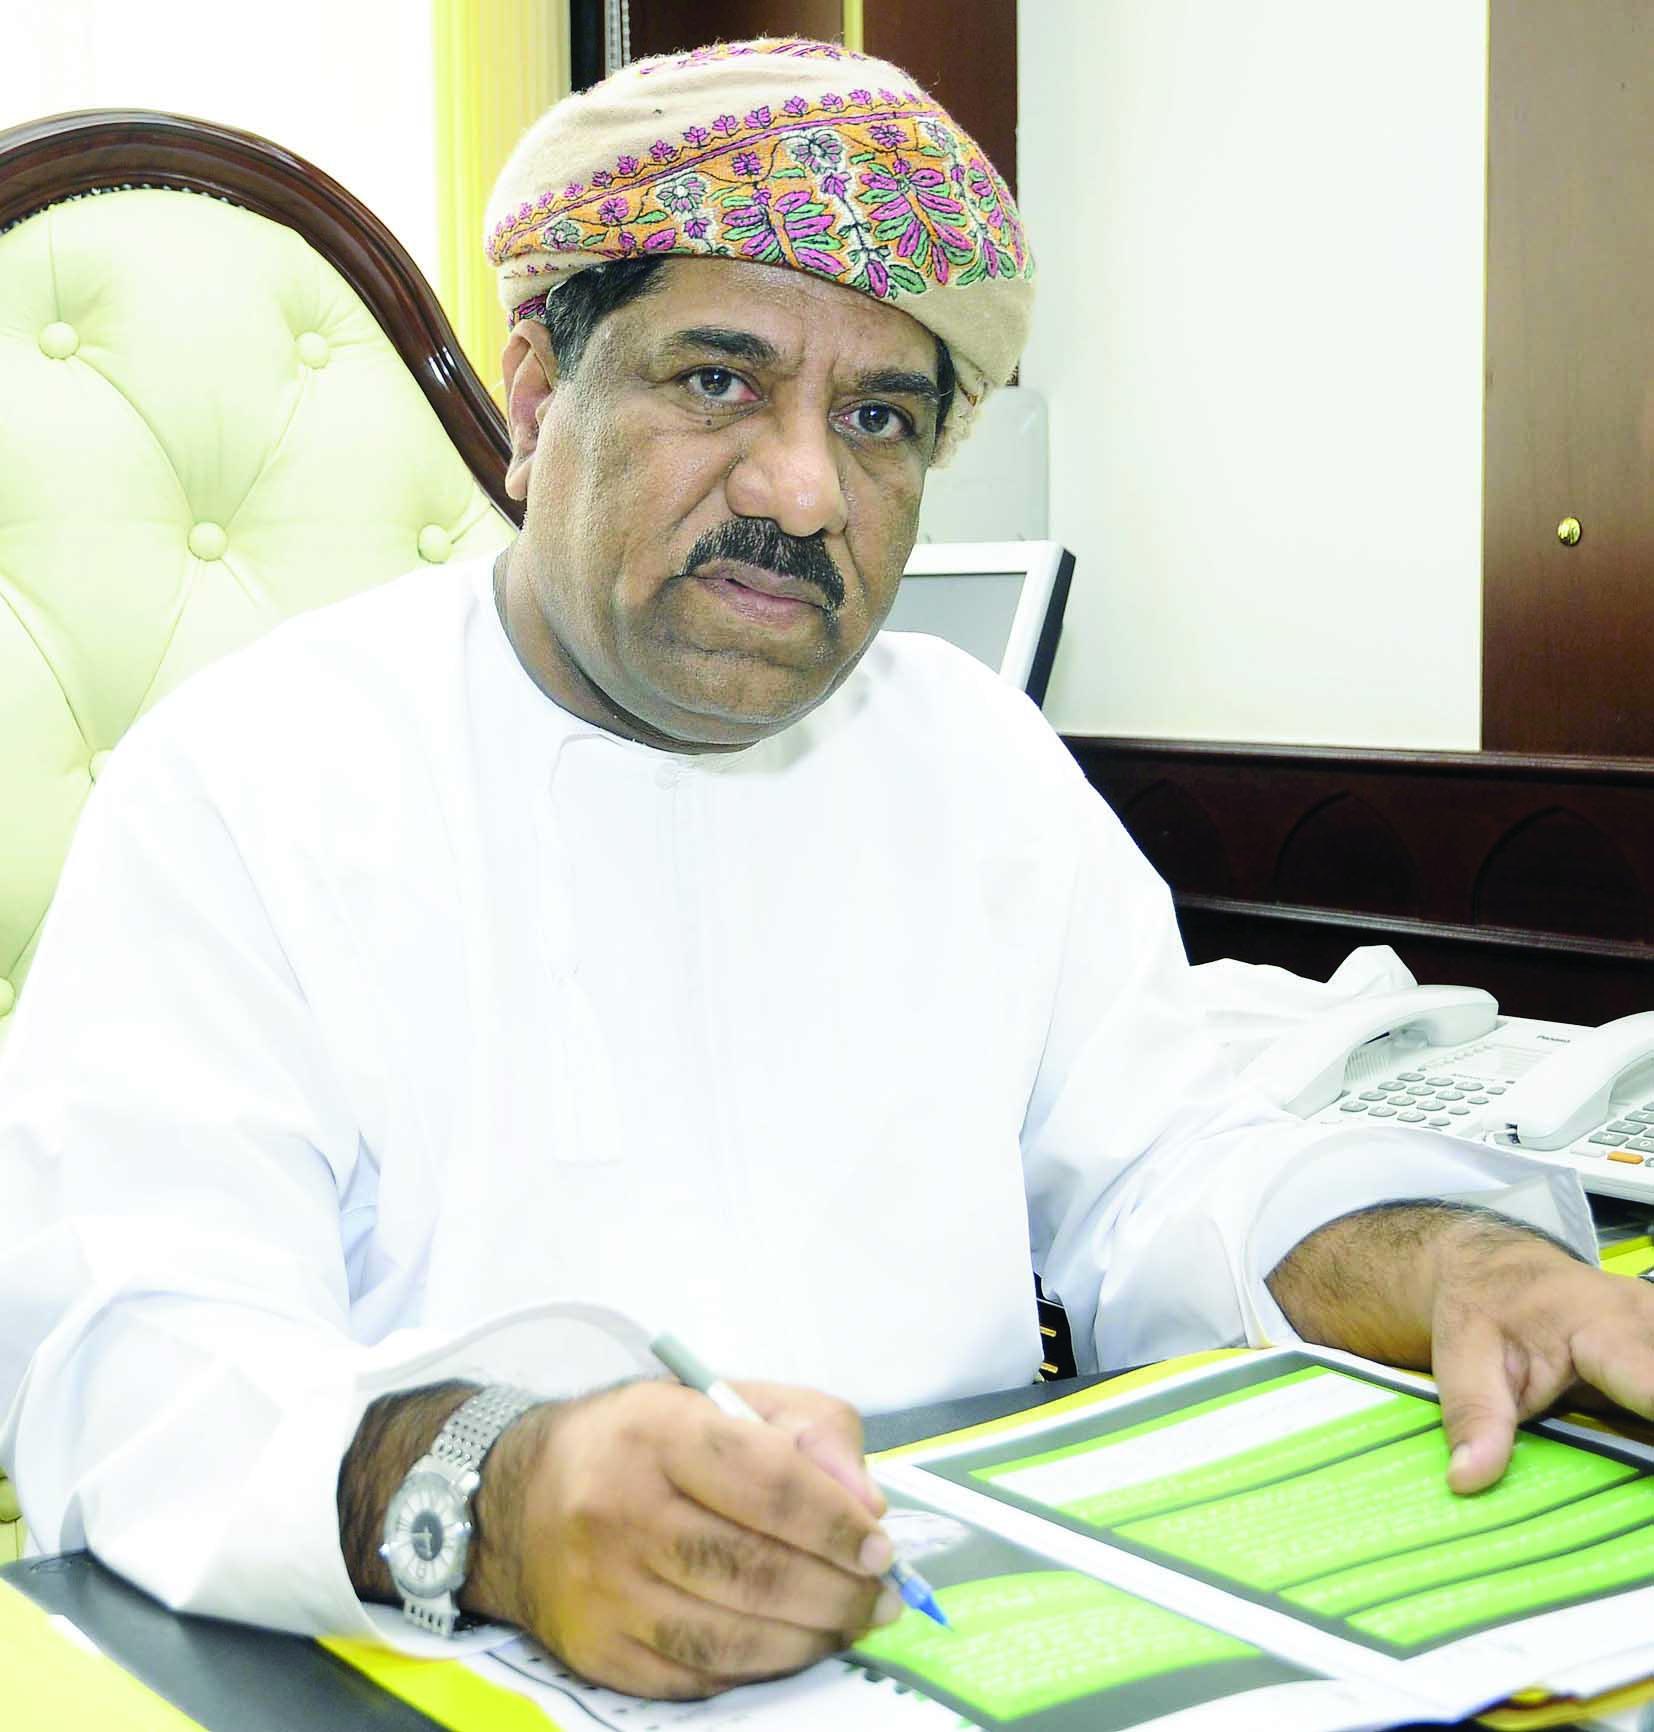 دعوة القطاع الخاص للمشاركة في مؤتمر الشراكة العربي الهندي الخامس